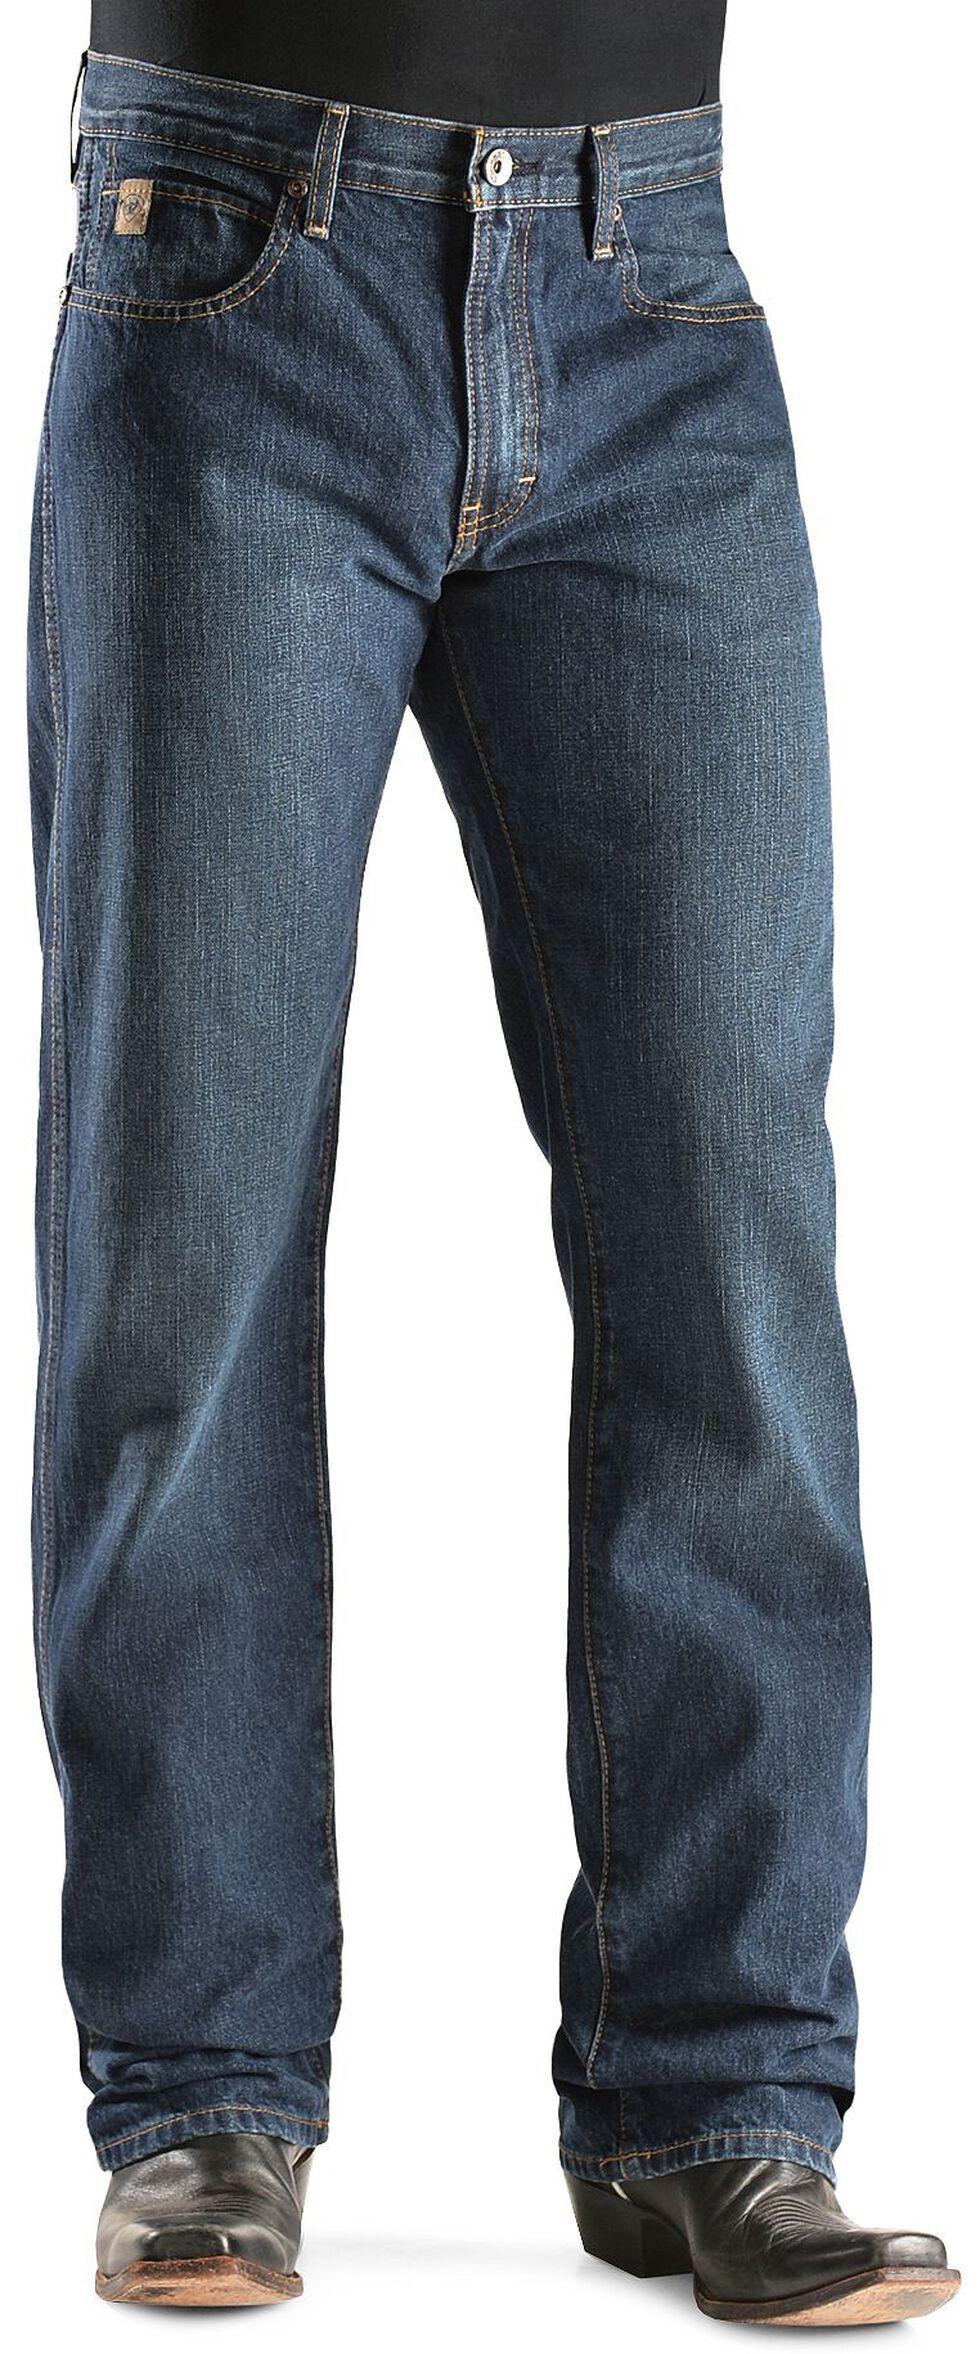 Ariat Denim Jeans - Heritage Dark Stonewash Classic Fit, Dark Stone, hi-res